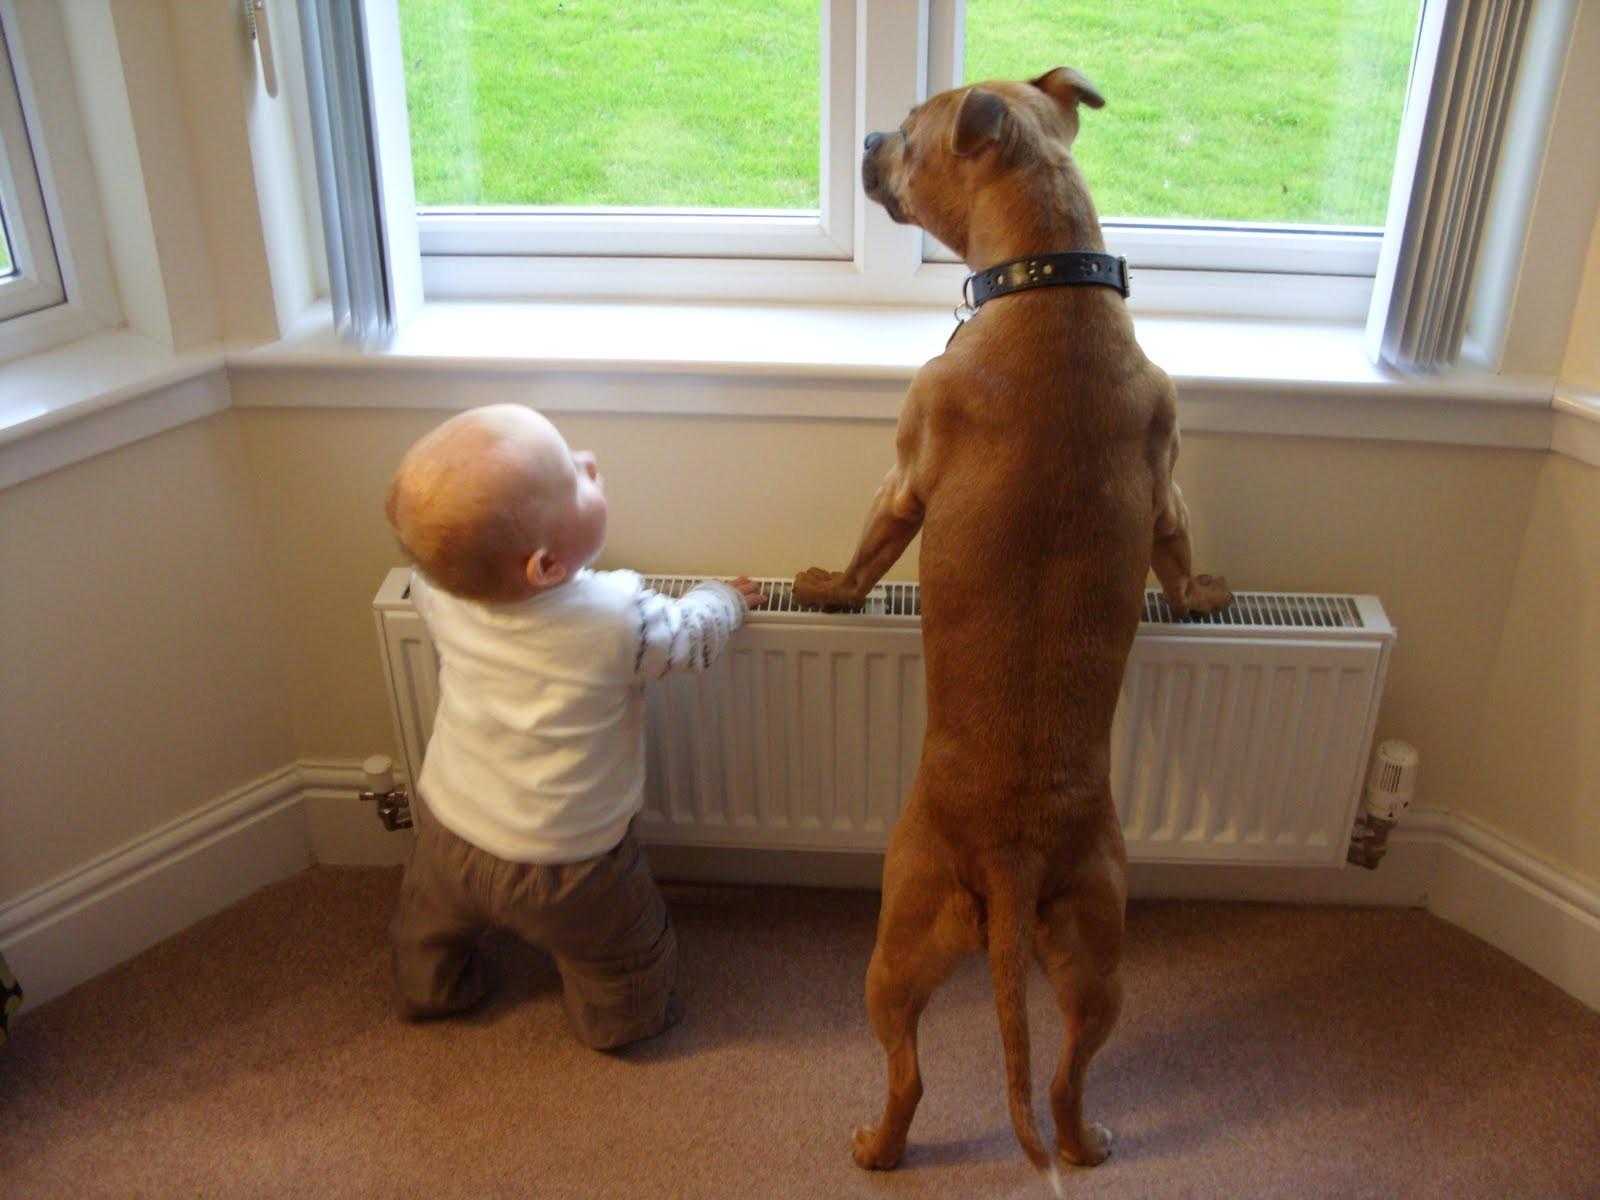 Pesquisa sugere que sentimentos para cães seja similar ao dos filhos (Foto: Reprodução)